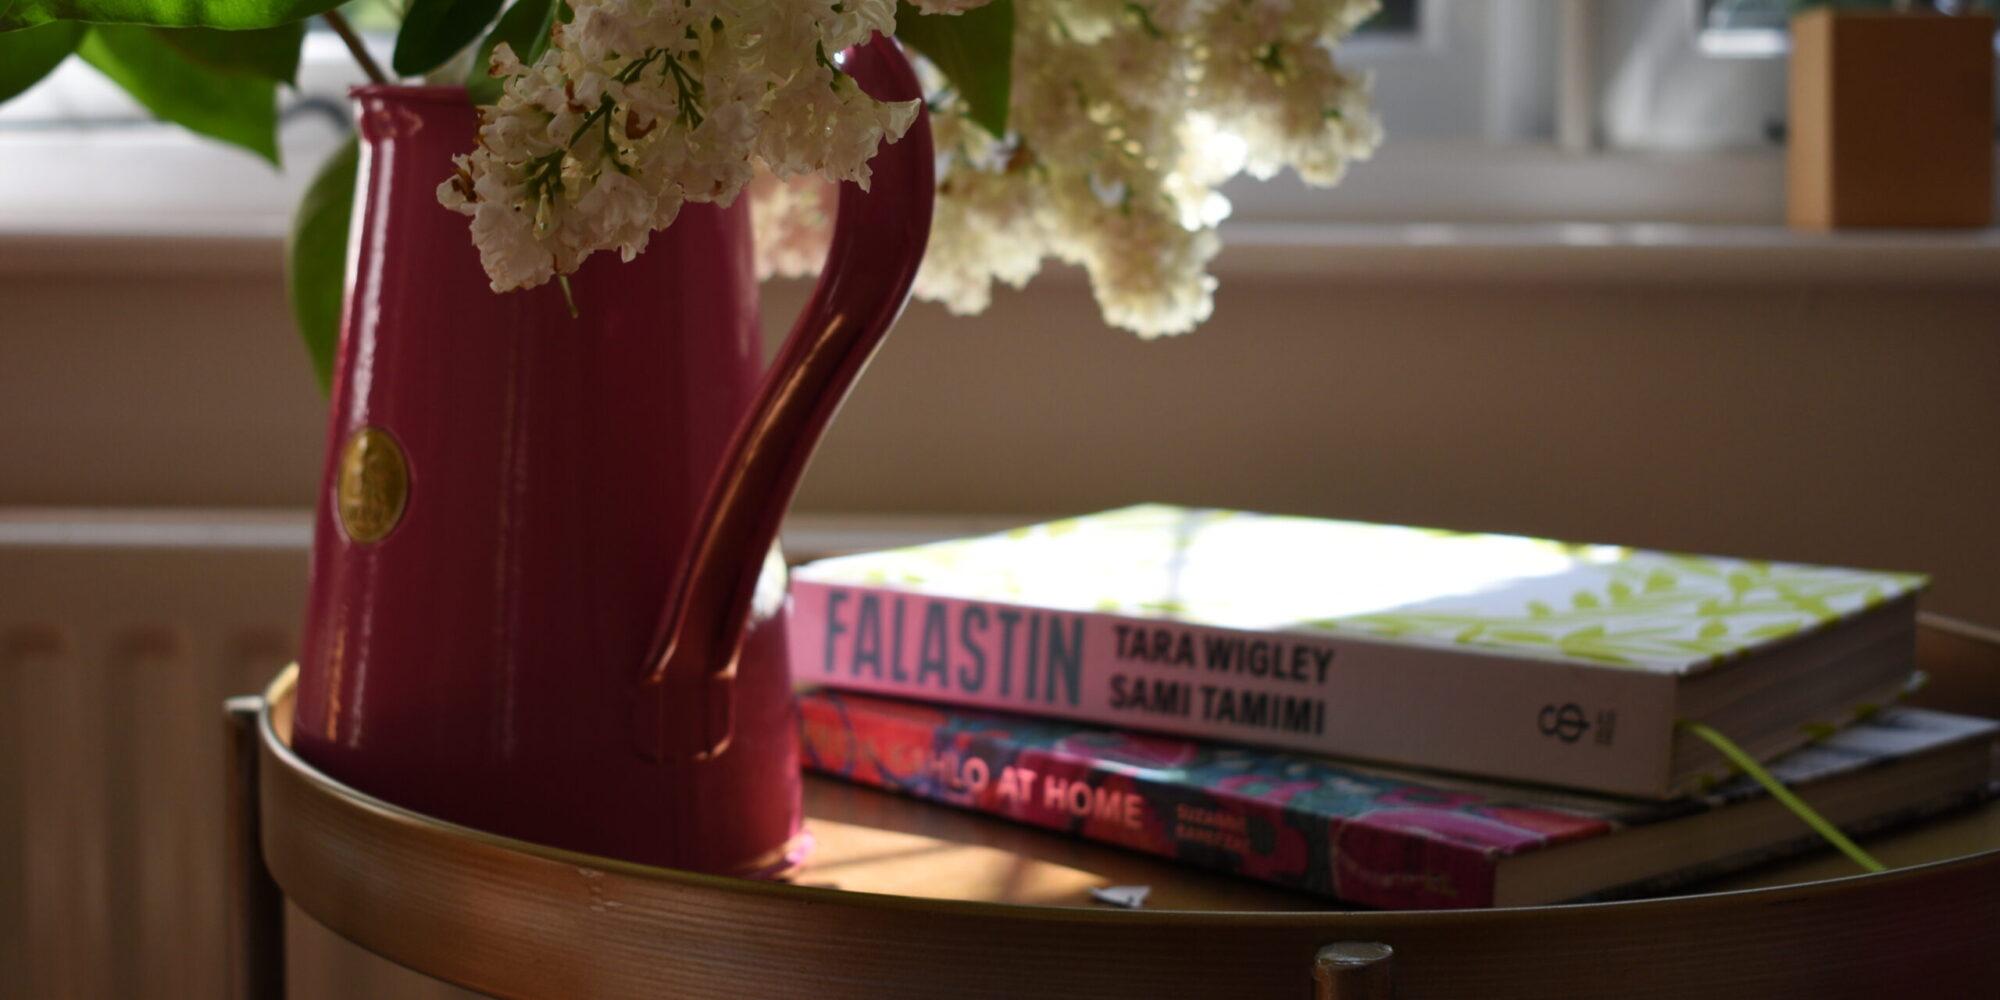 Cookbooks on side table | Hybrid cookbook